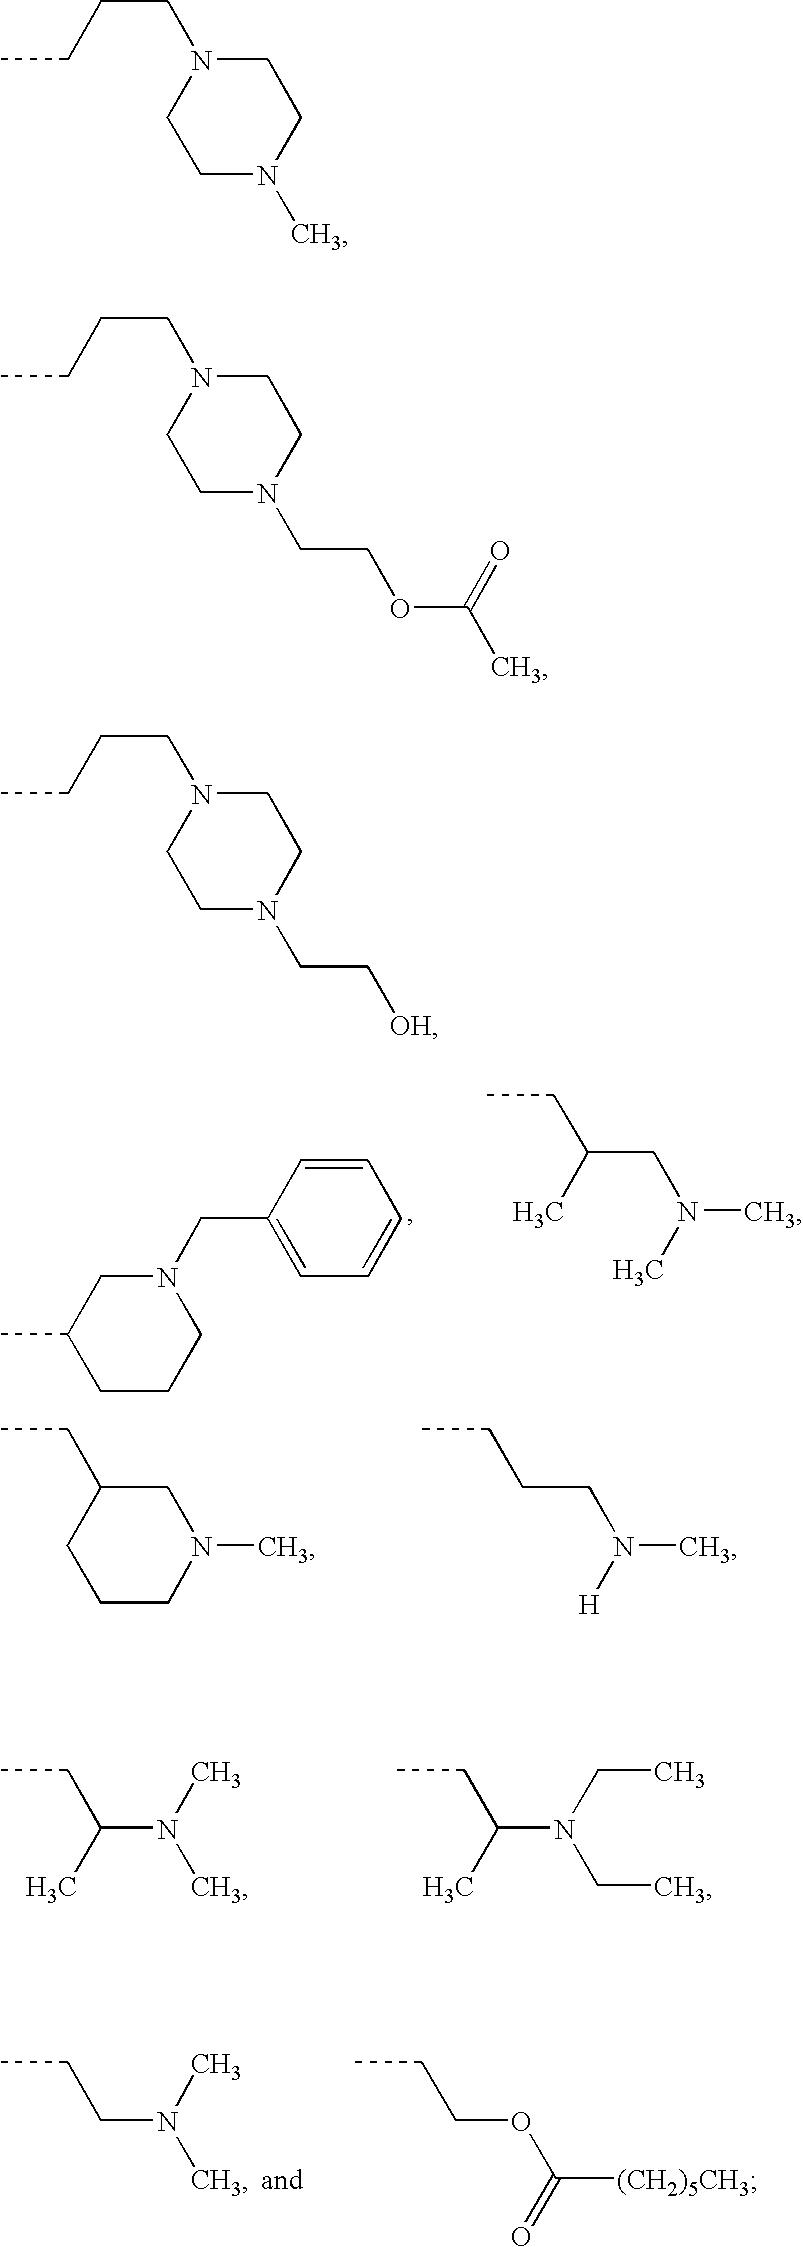 Figure US20070299043A1-20071227-C00258